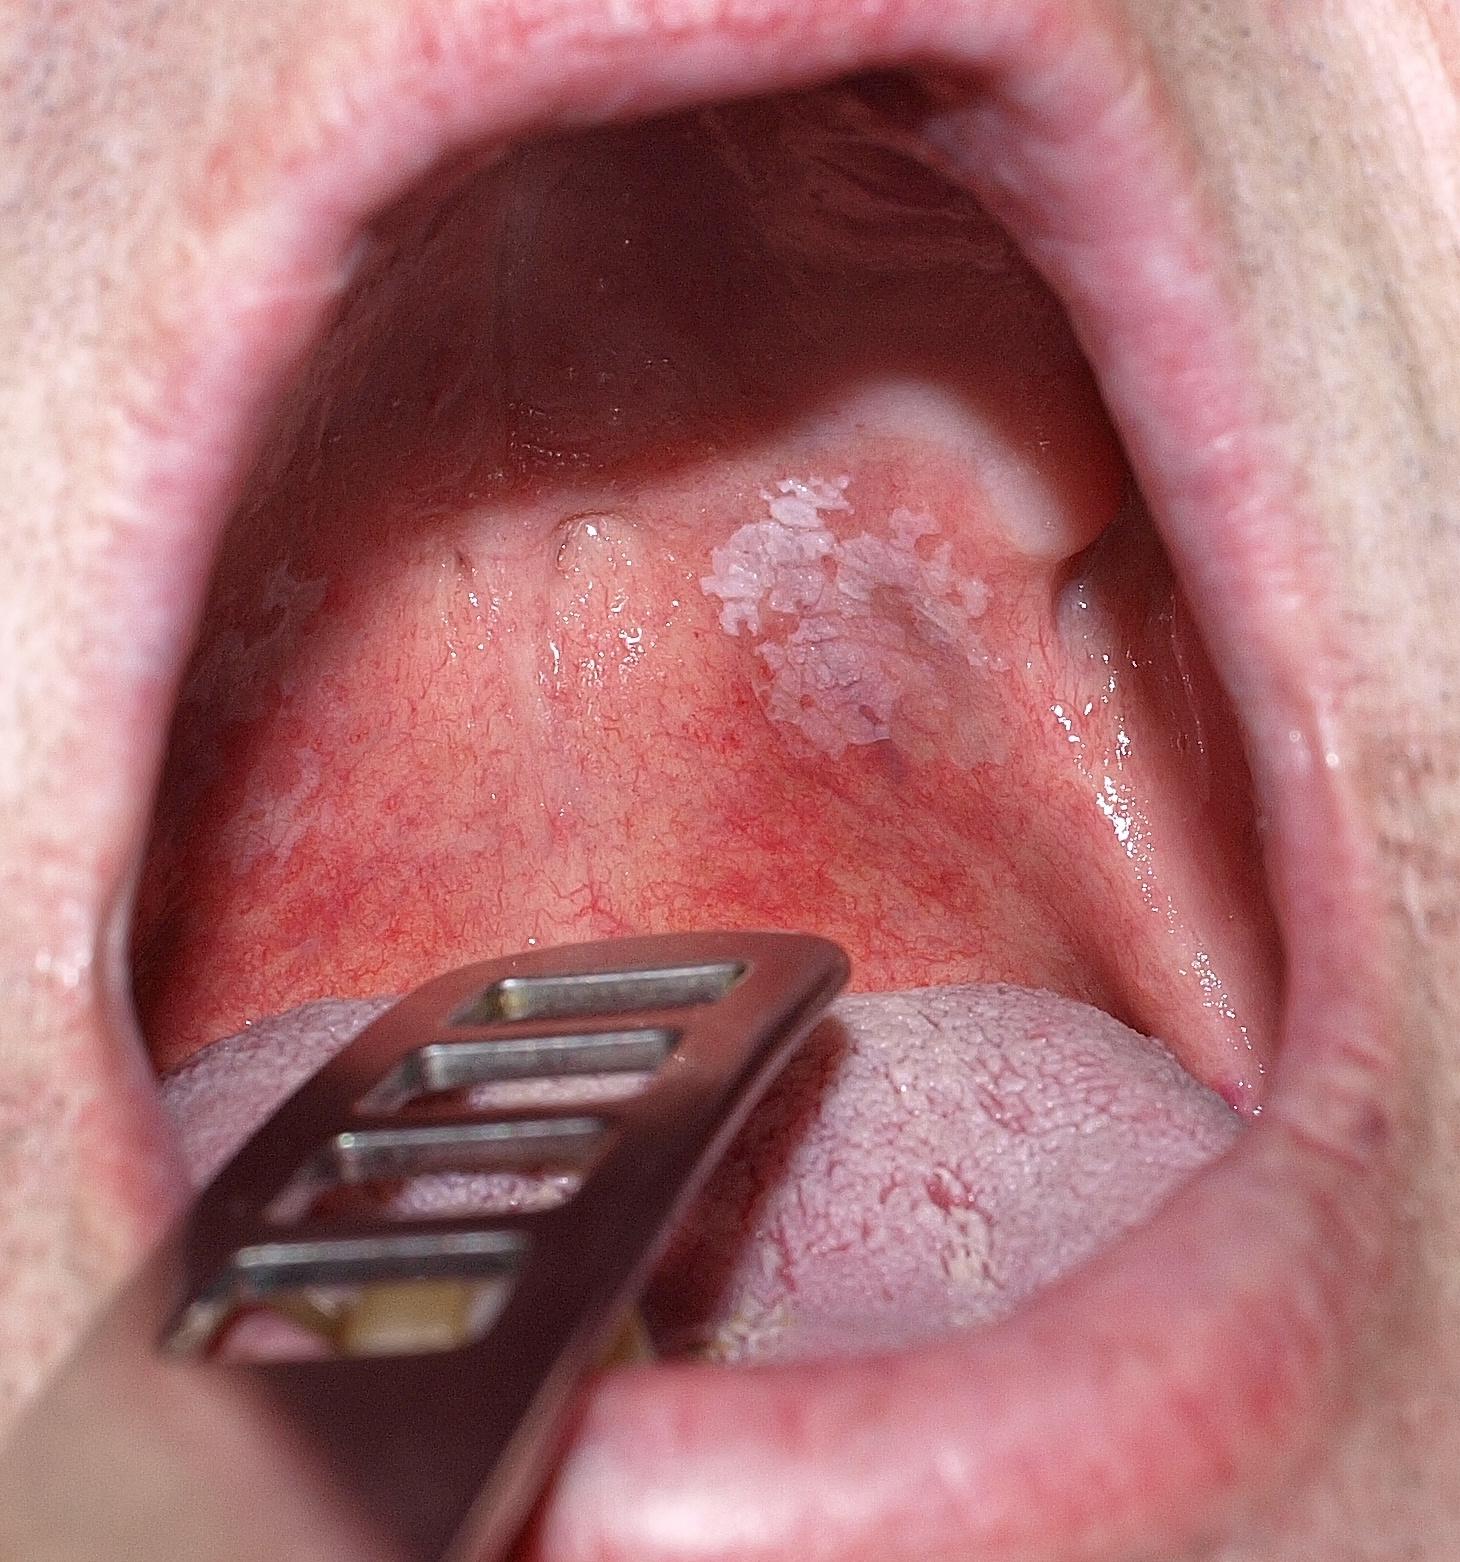 hpv rák a szájban